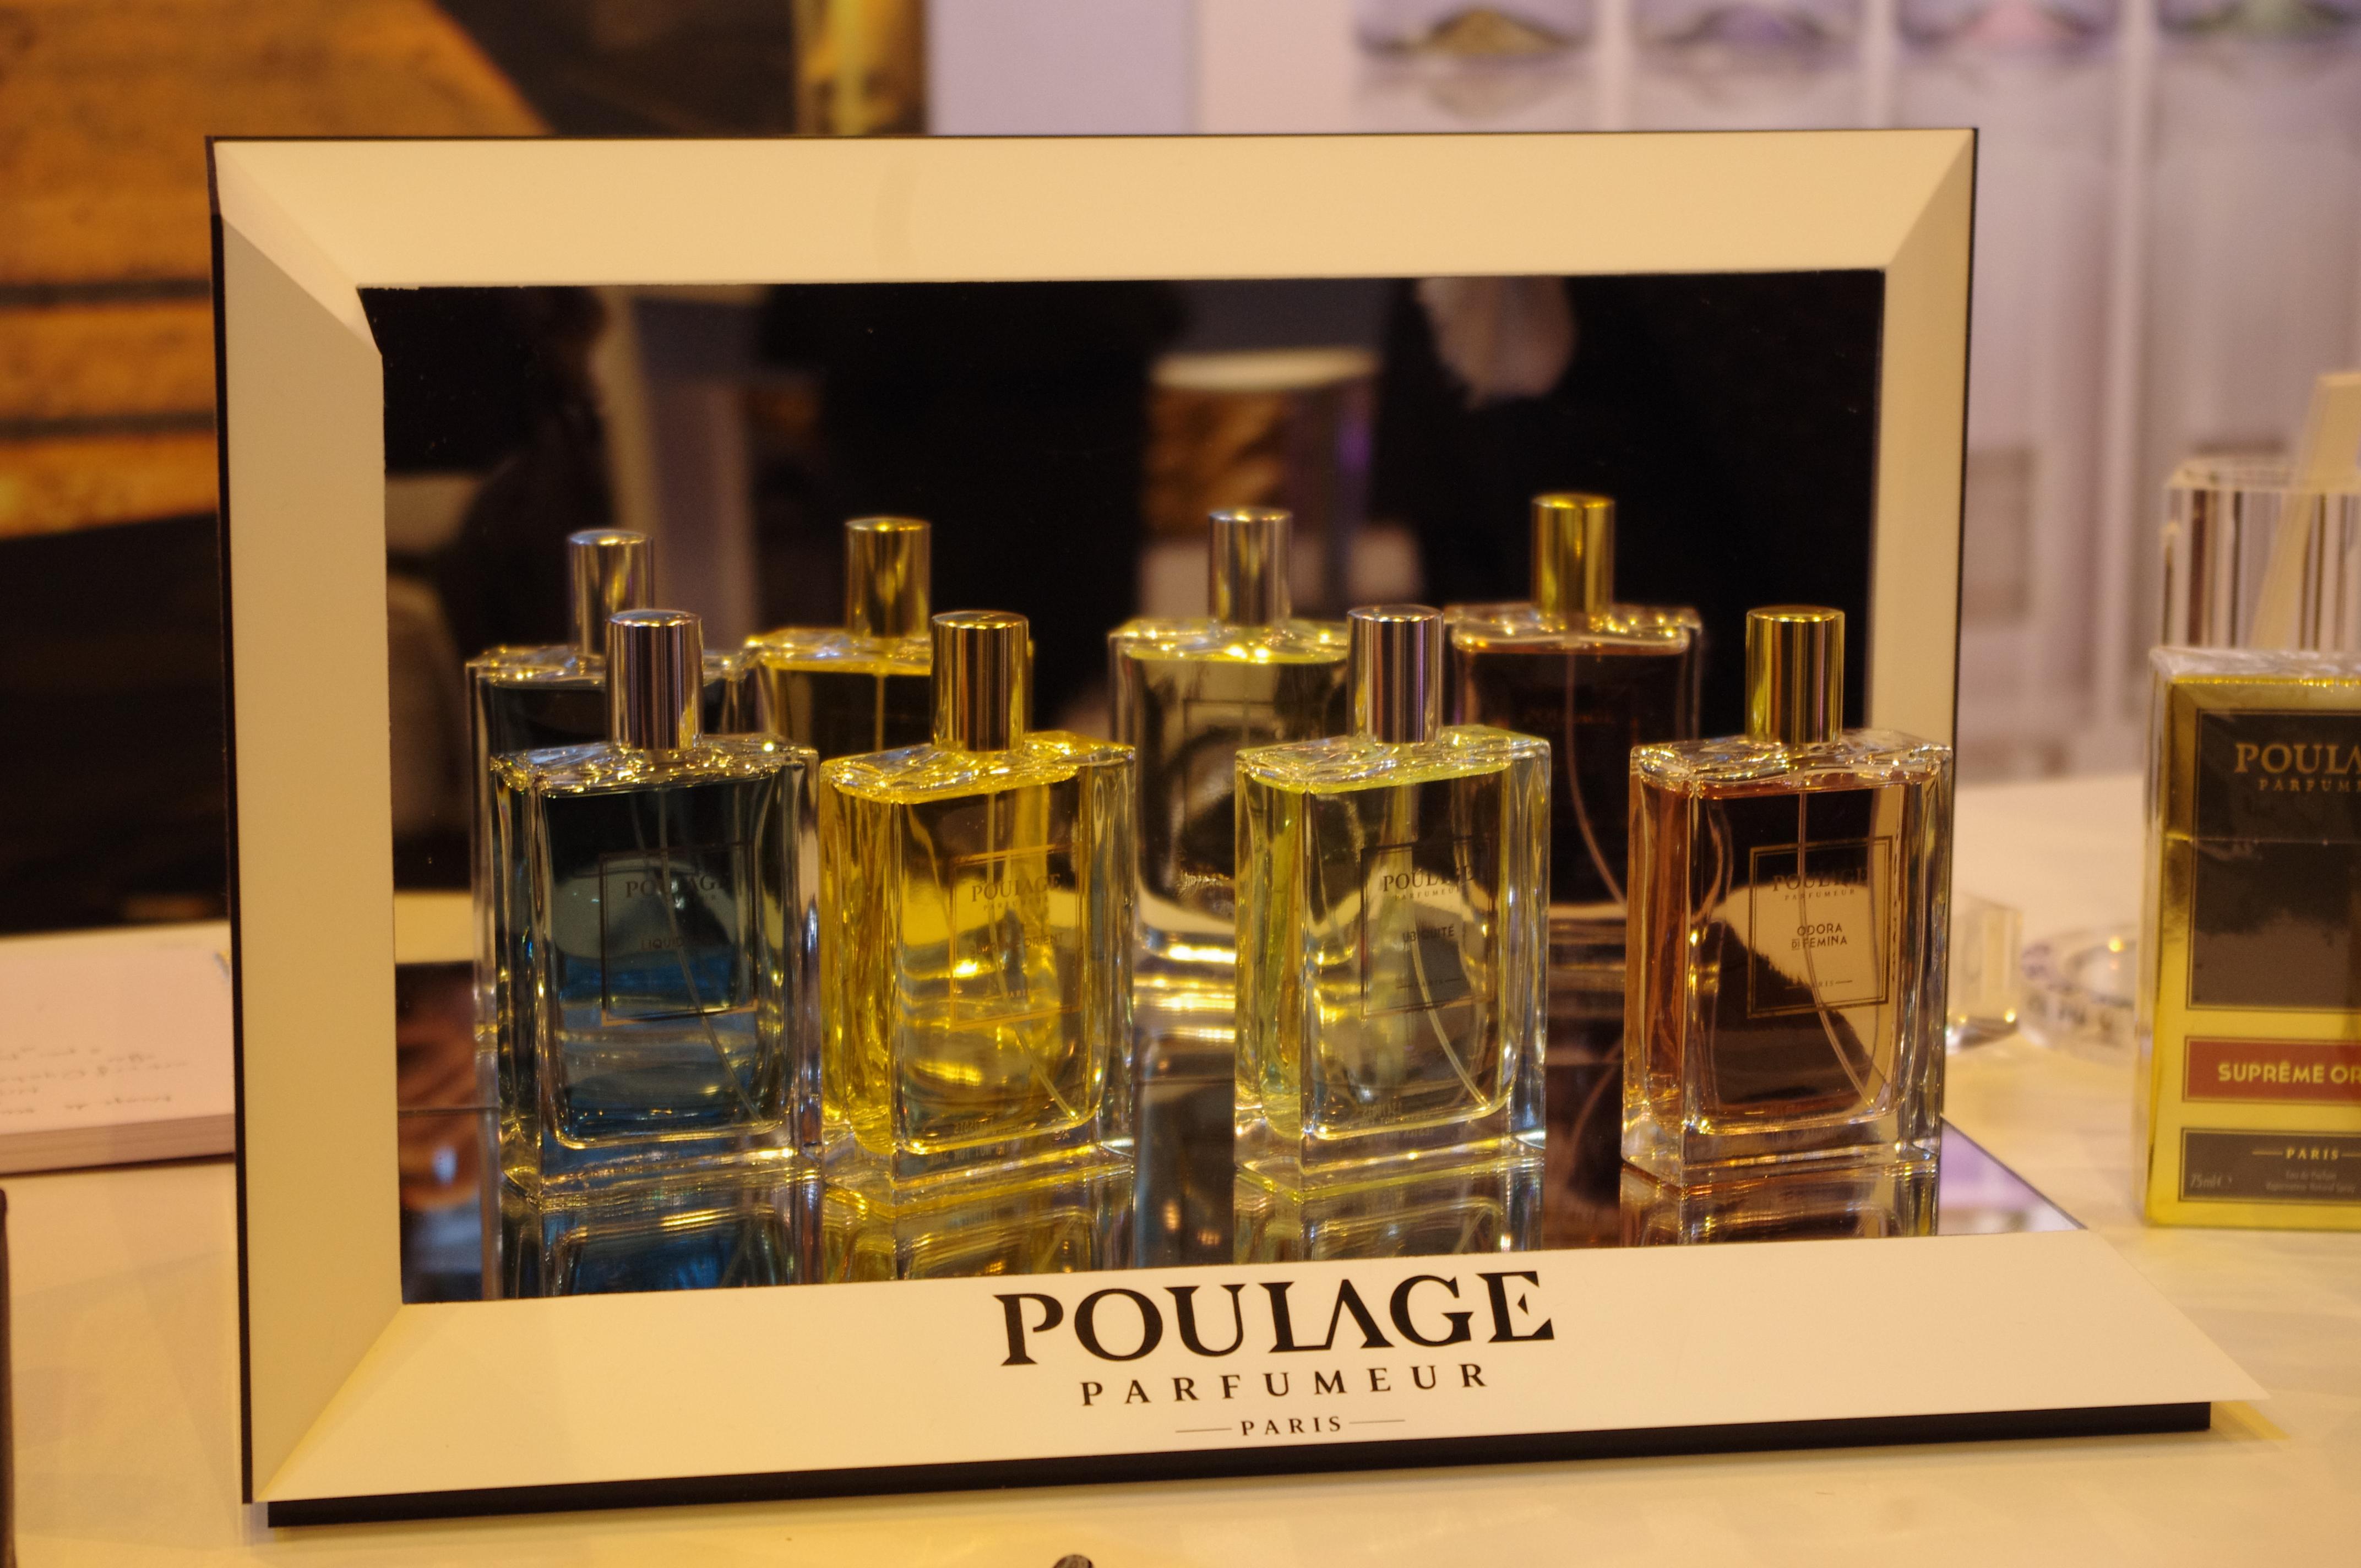 Le parfum au salon professionnel beyond beauty paris 2015 for Salon parfum